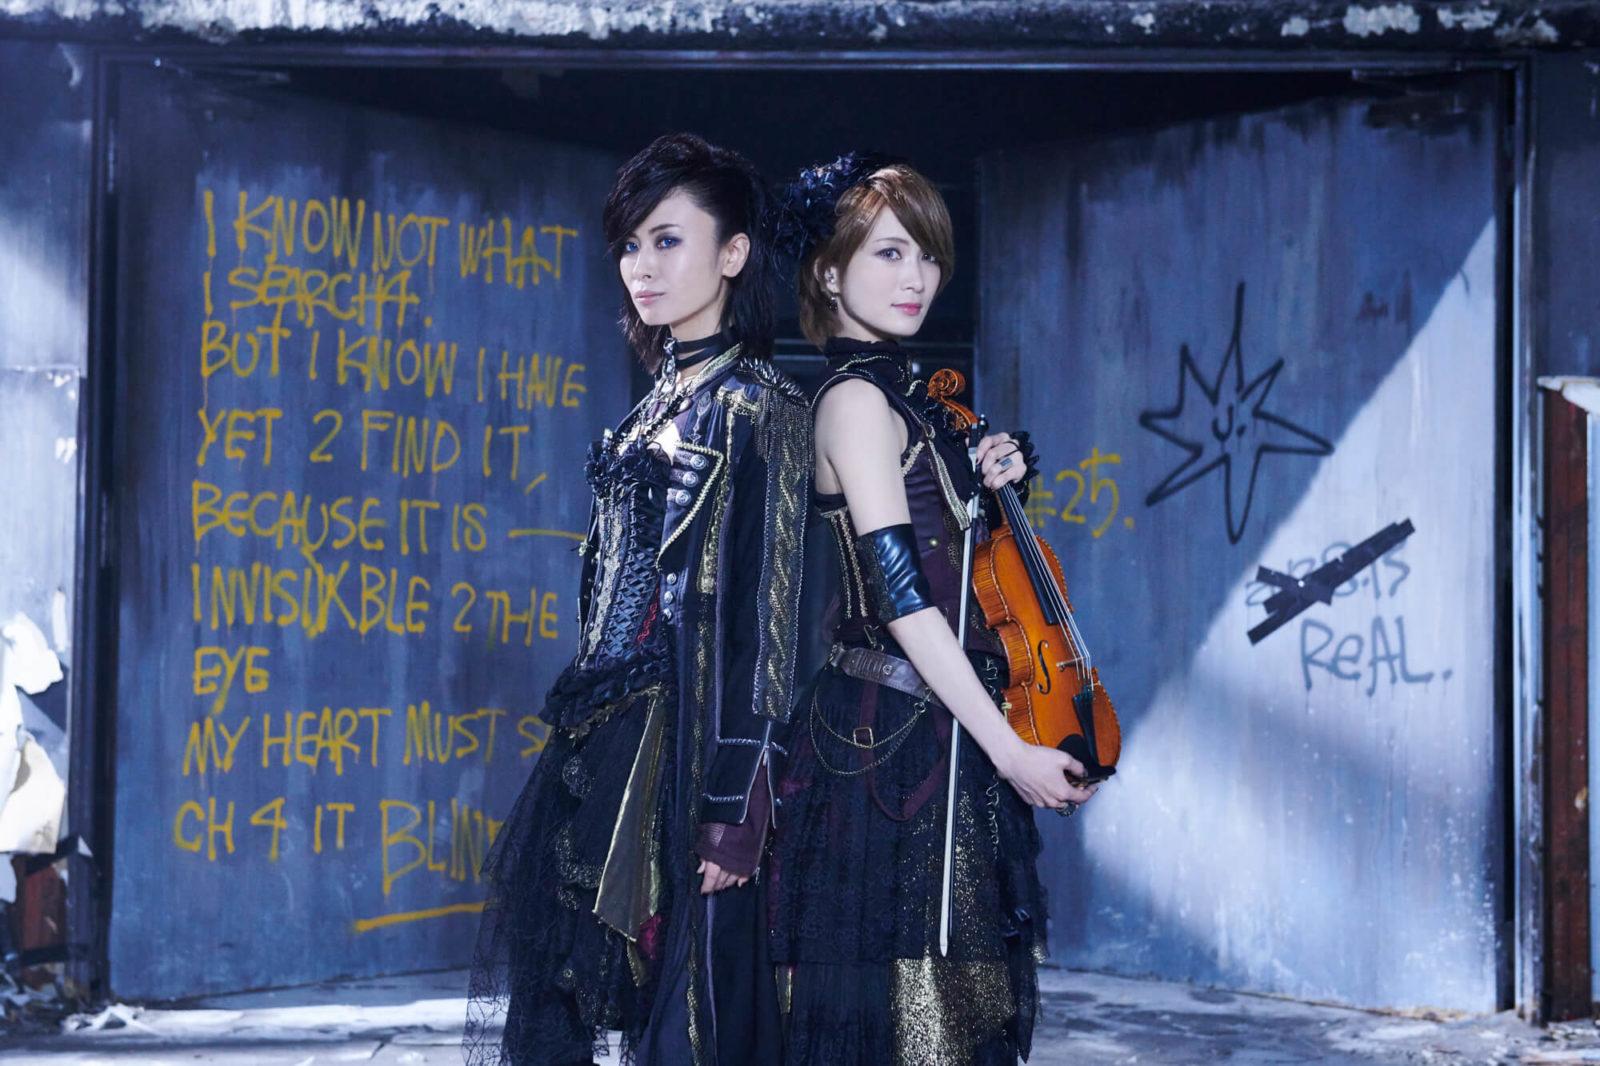 イケメン男装モデルAKIRAとロックバイオリニストAyasaのスペシャルユニット・+Aに聞く「沢山ライブがしたいです」画像65159